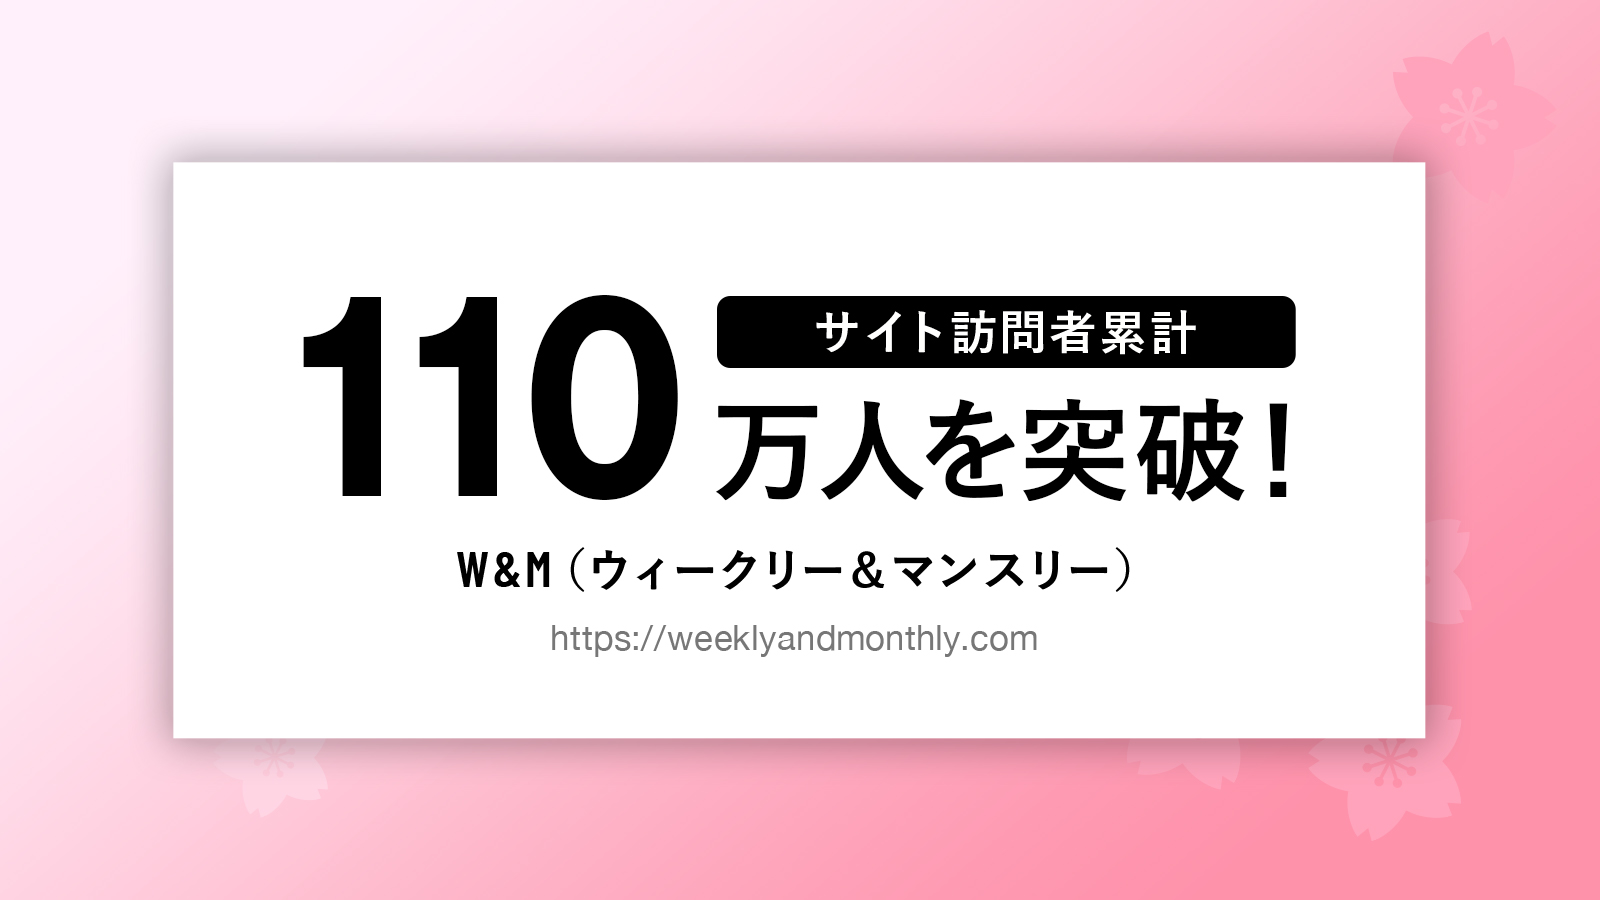 【PR】W&M(ウィークリー &マンスリー) サイト訪問者累計110万人を突破!